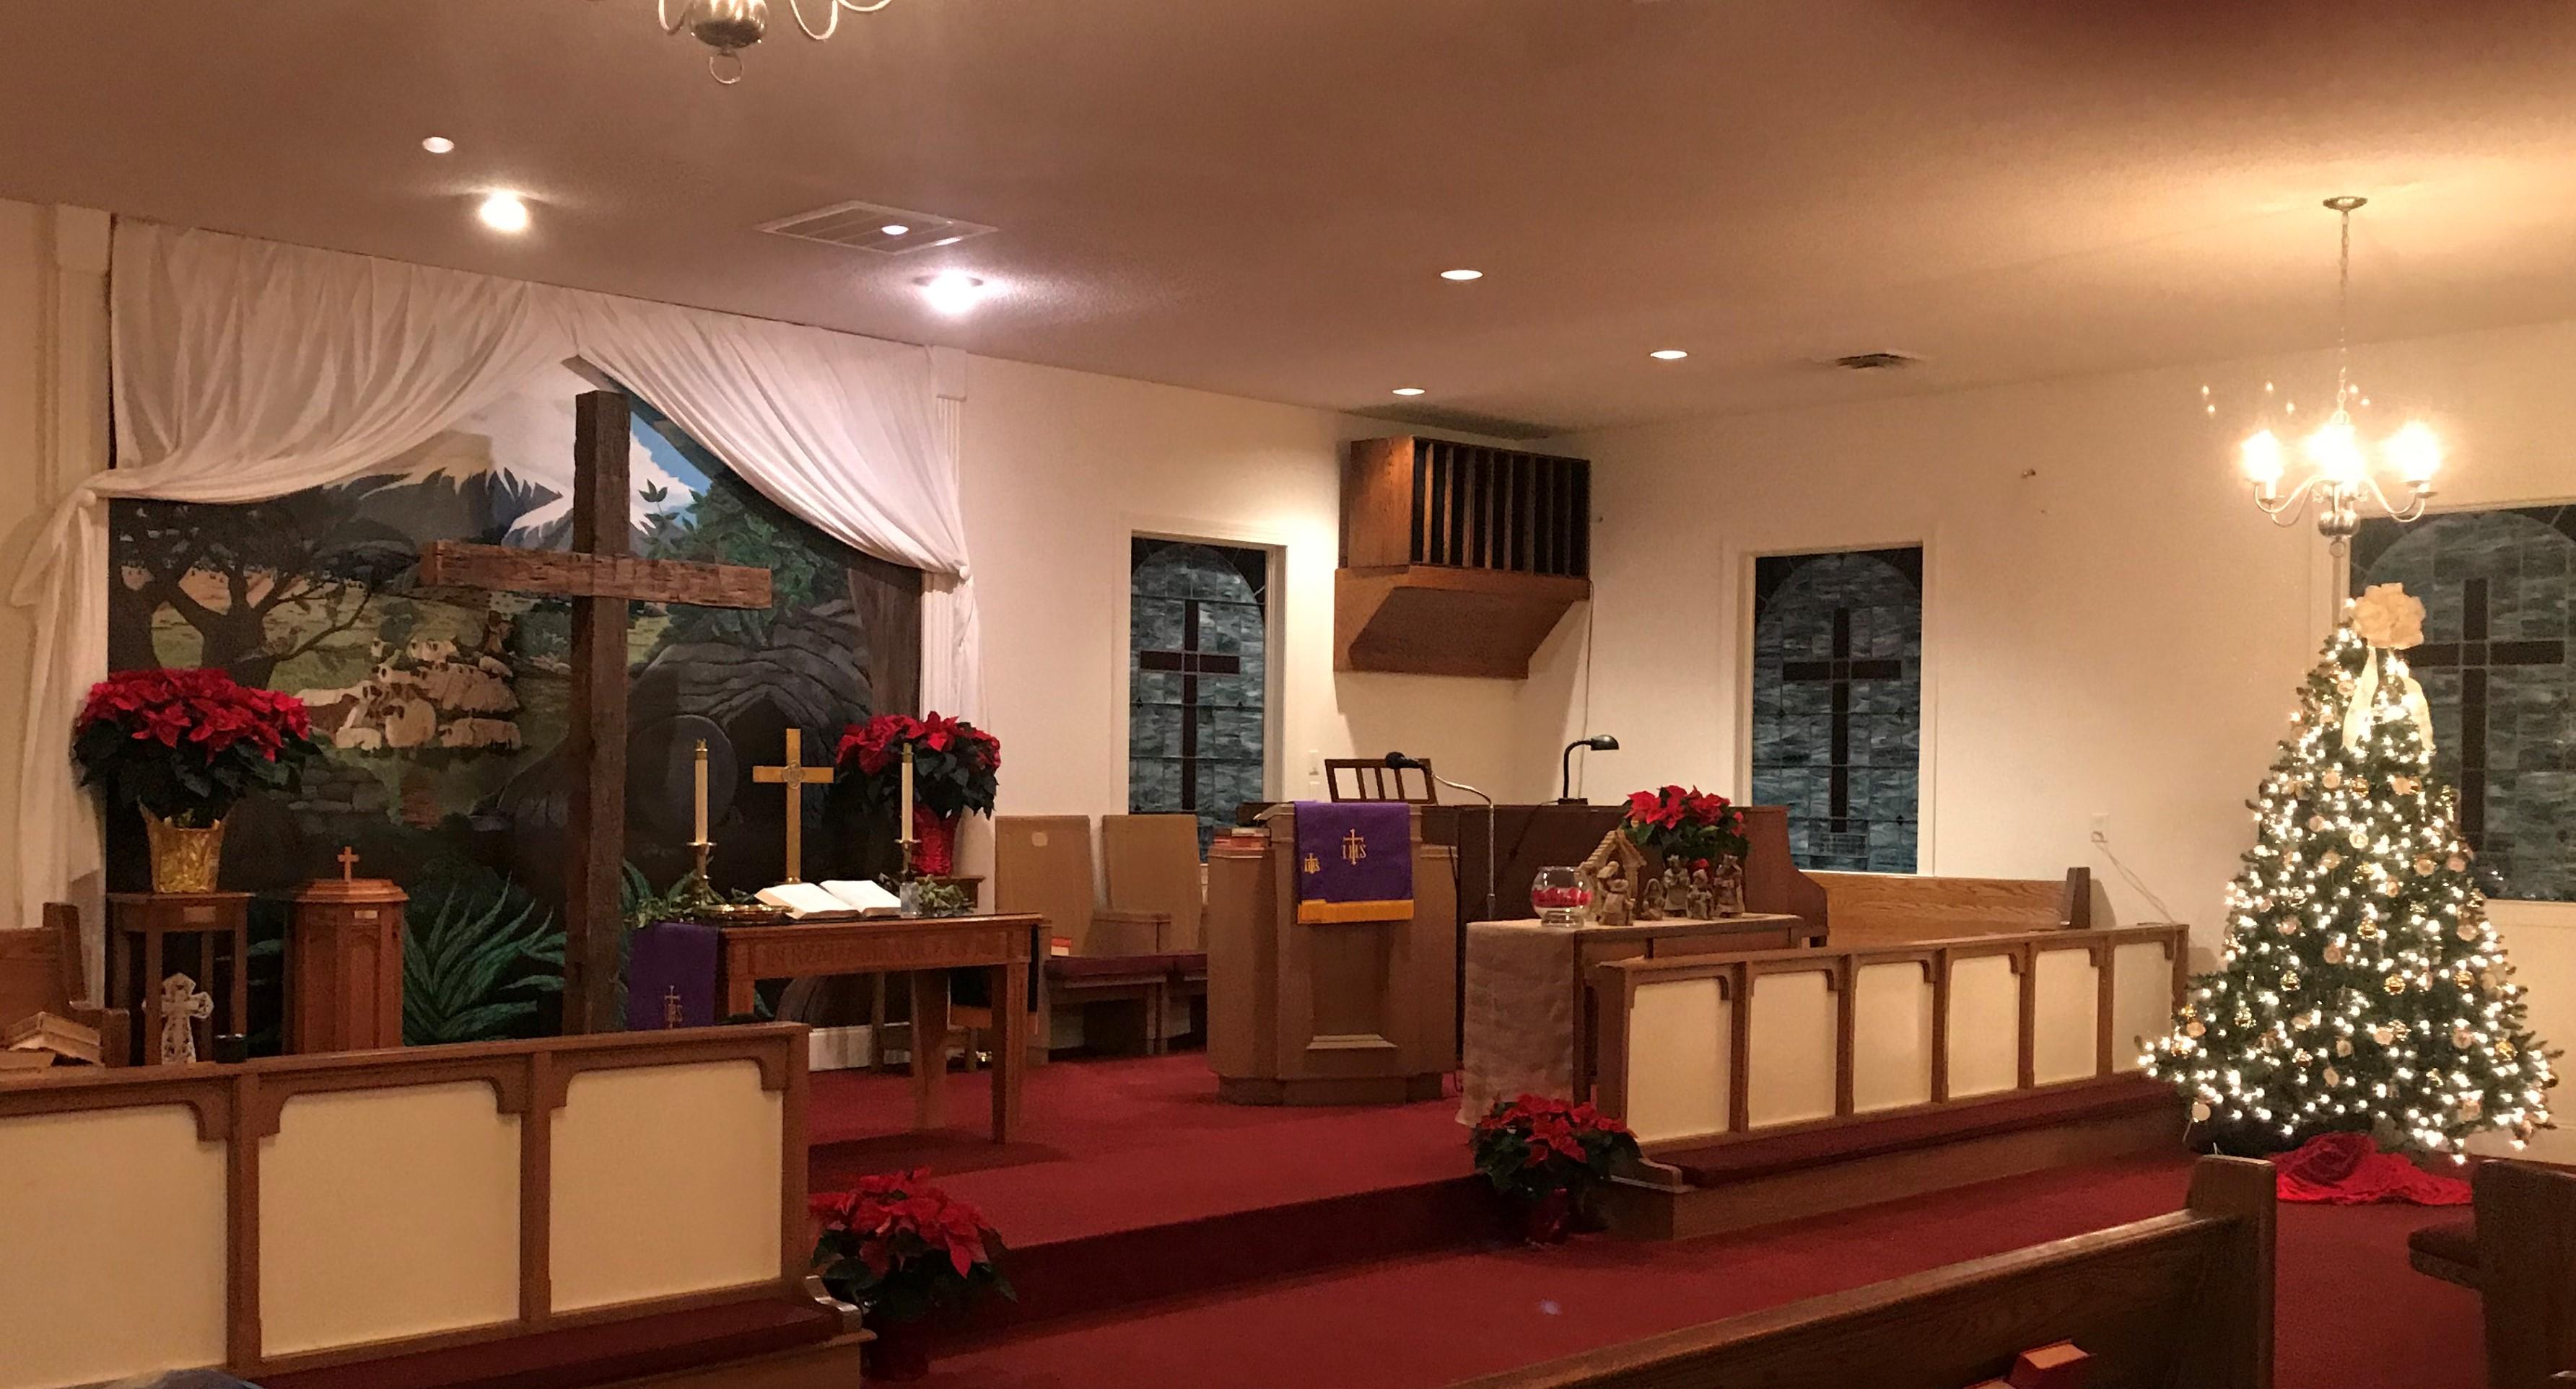 Le sanctuaire de l'église méthodiste unie de Sandy Ridge à High Point, en Caroline du Nord, est décoré pour l'Avent. Photo de Donna Friddle.